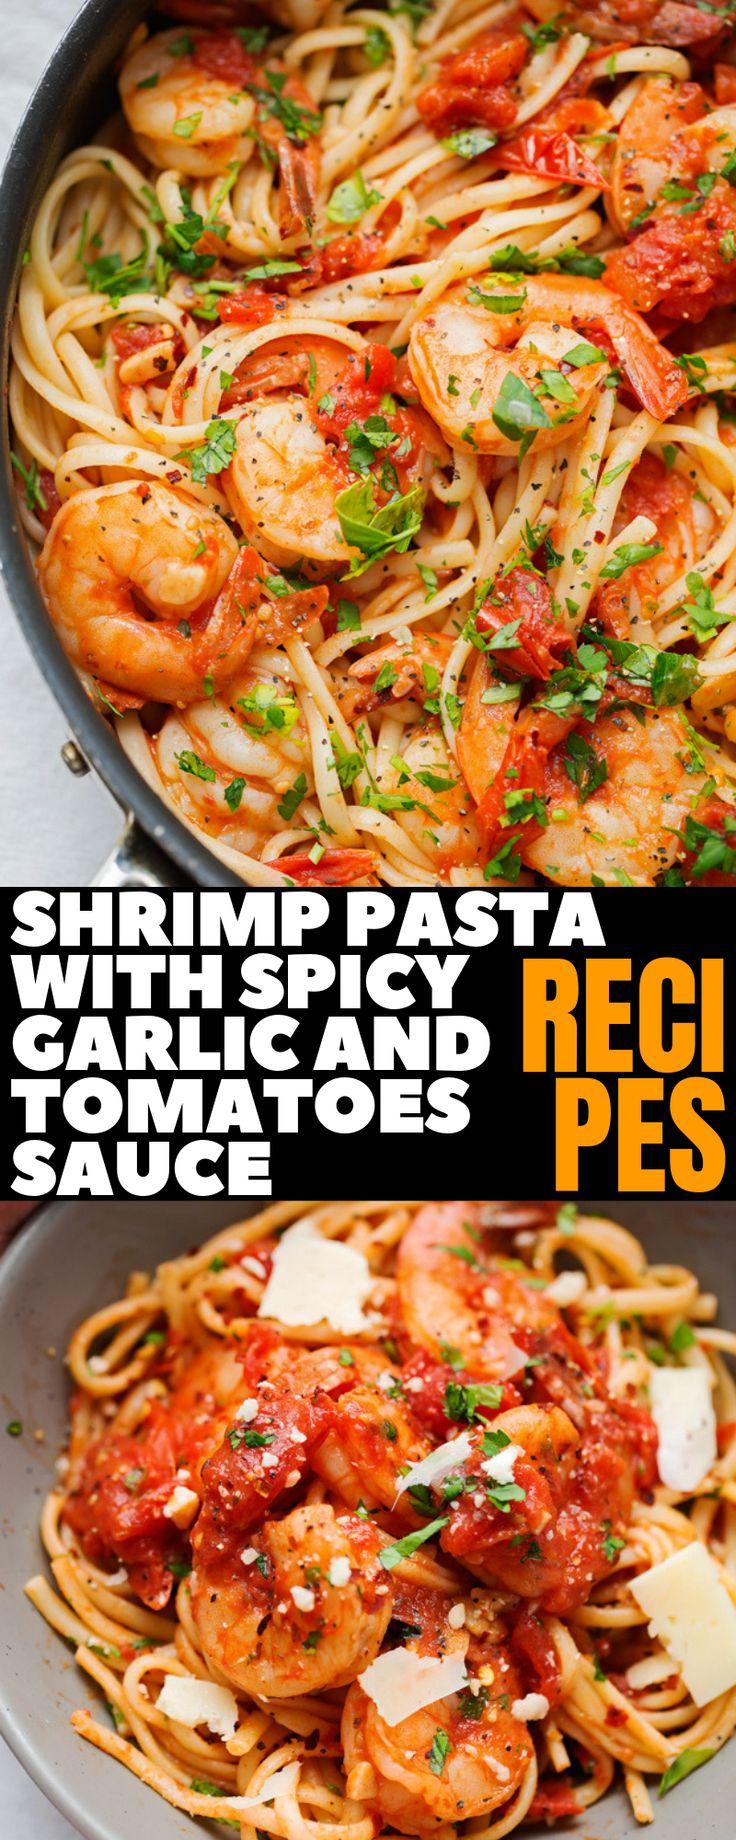 Sommerzeit-Garnelennudeln mit würzigem Knoblauch und Tomatensauce-Abendessen-Rezepten #dinnerrecipes #shrimp